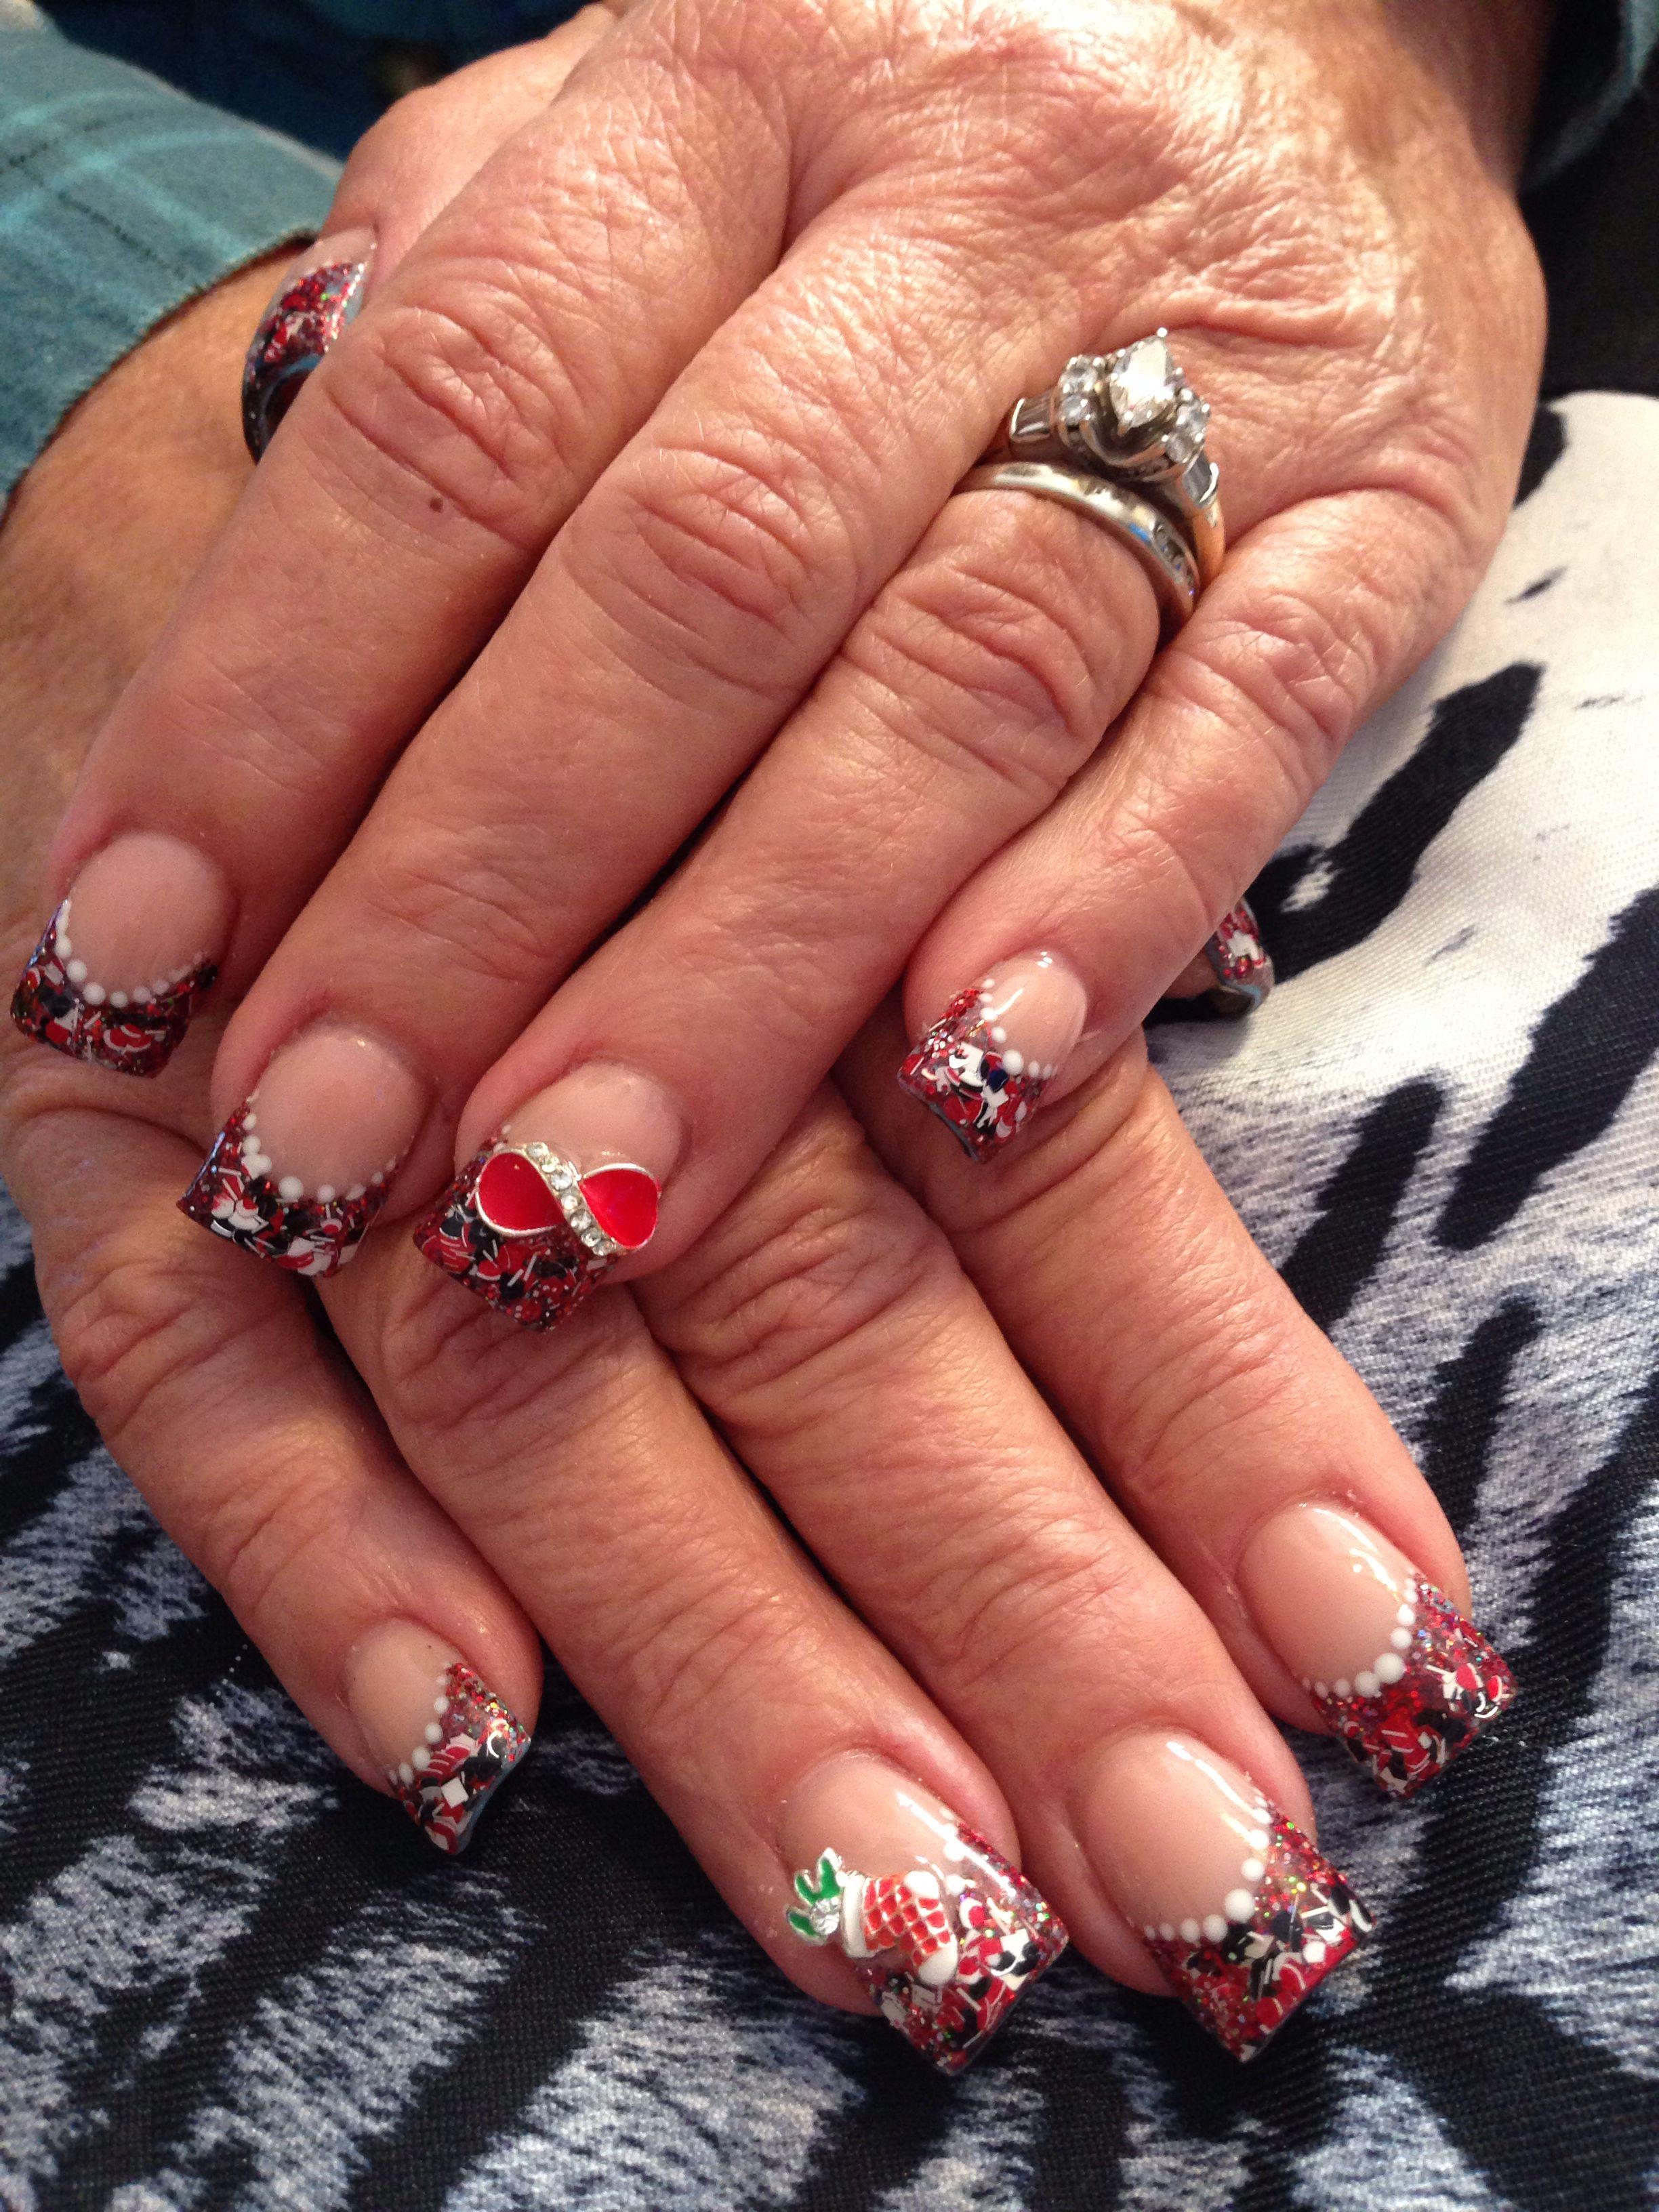 Acrylic nails saraus nail designs pinterest nails acrylics